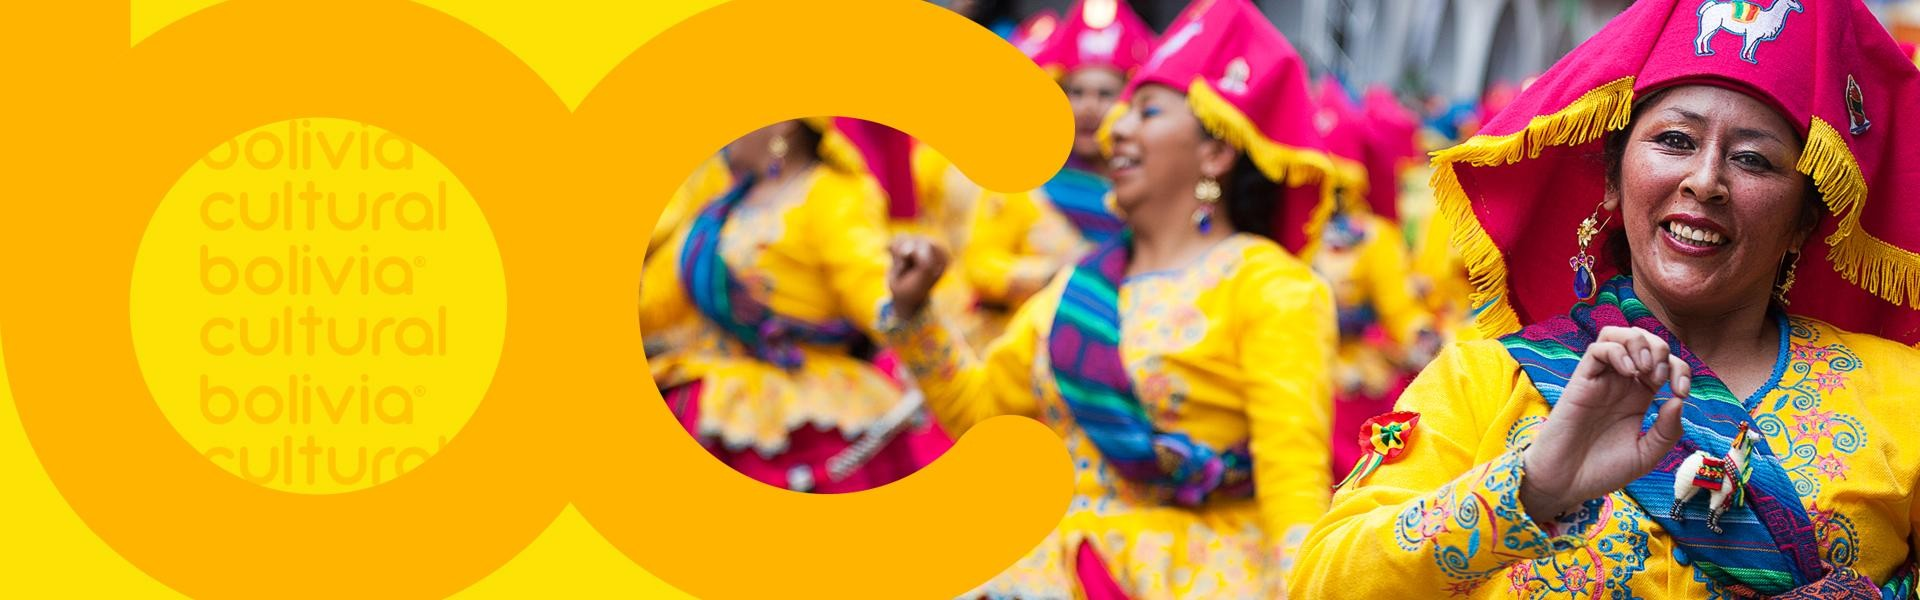 Dança da LLamerada, diversidade cultural boliviana